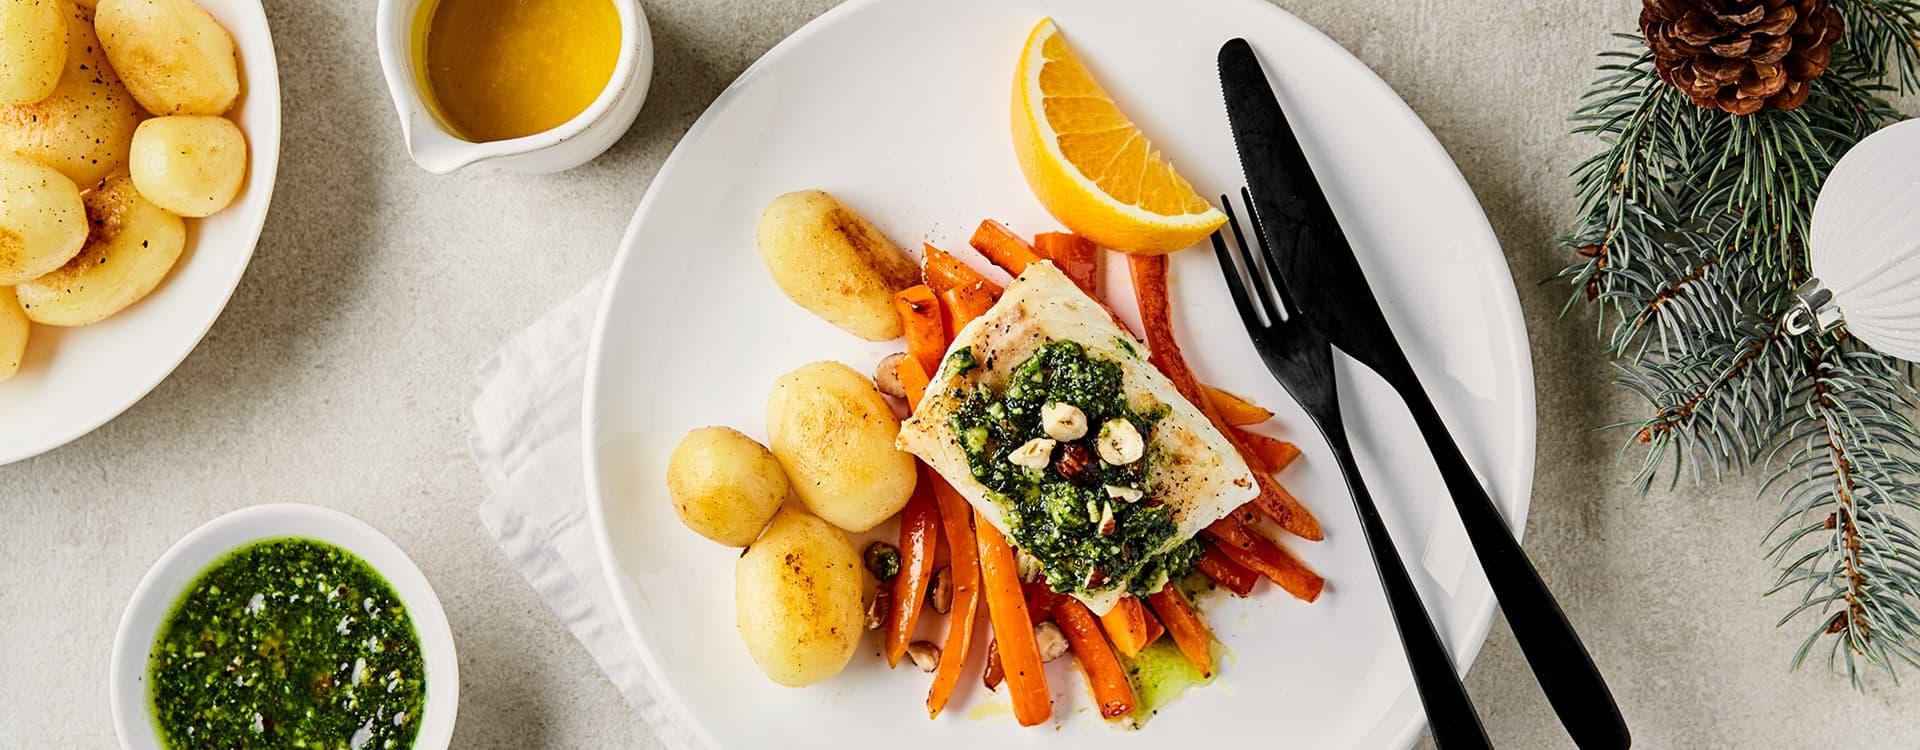 Pannestekt torsk med appelsinglaserte gulrøtter, pesto og rødkålsalat